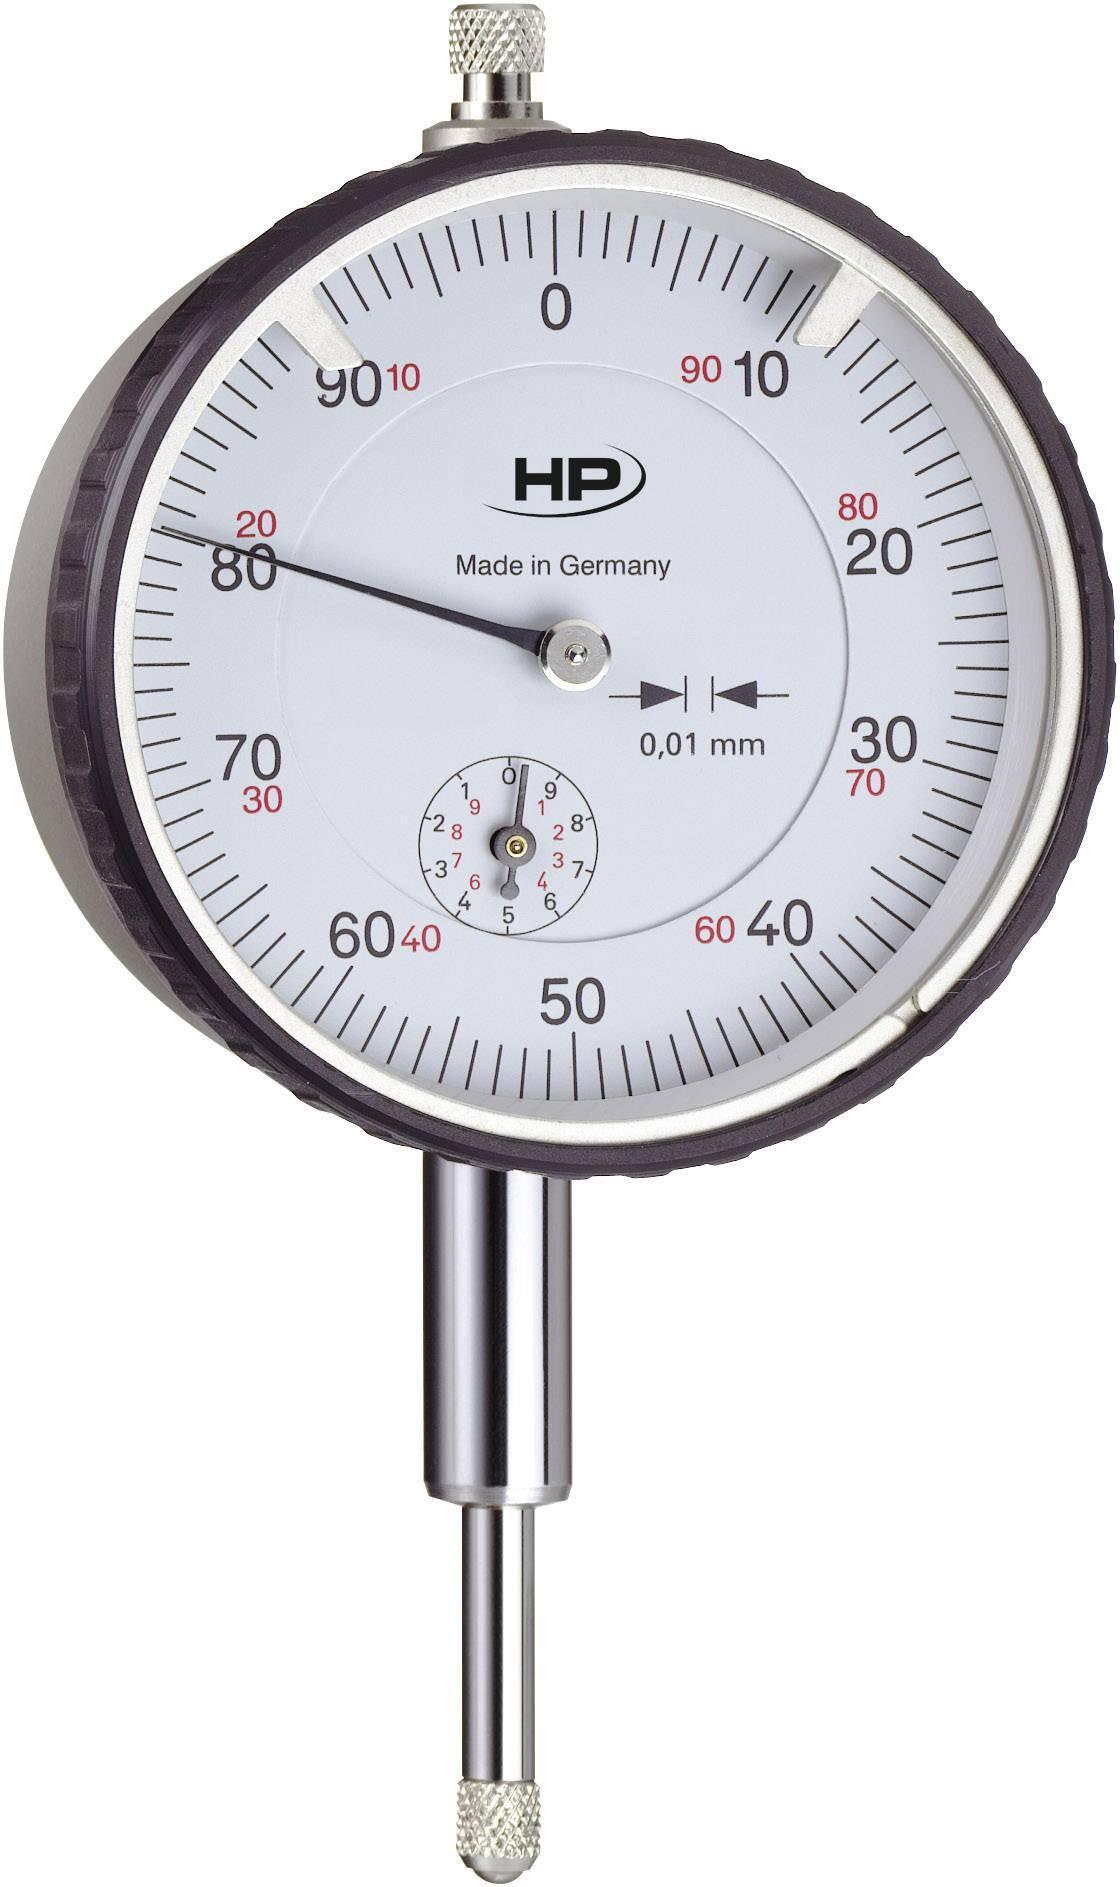 Úchylkomer Helios Preisser 0701111, 0.01 mm, kovové puzdro